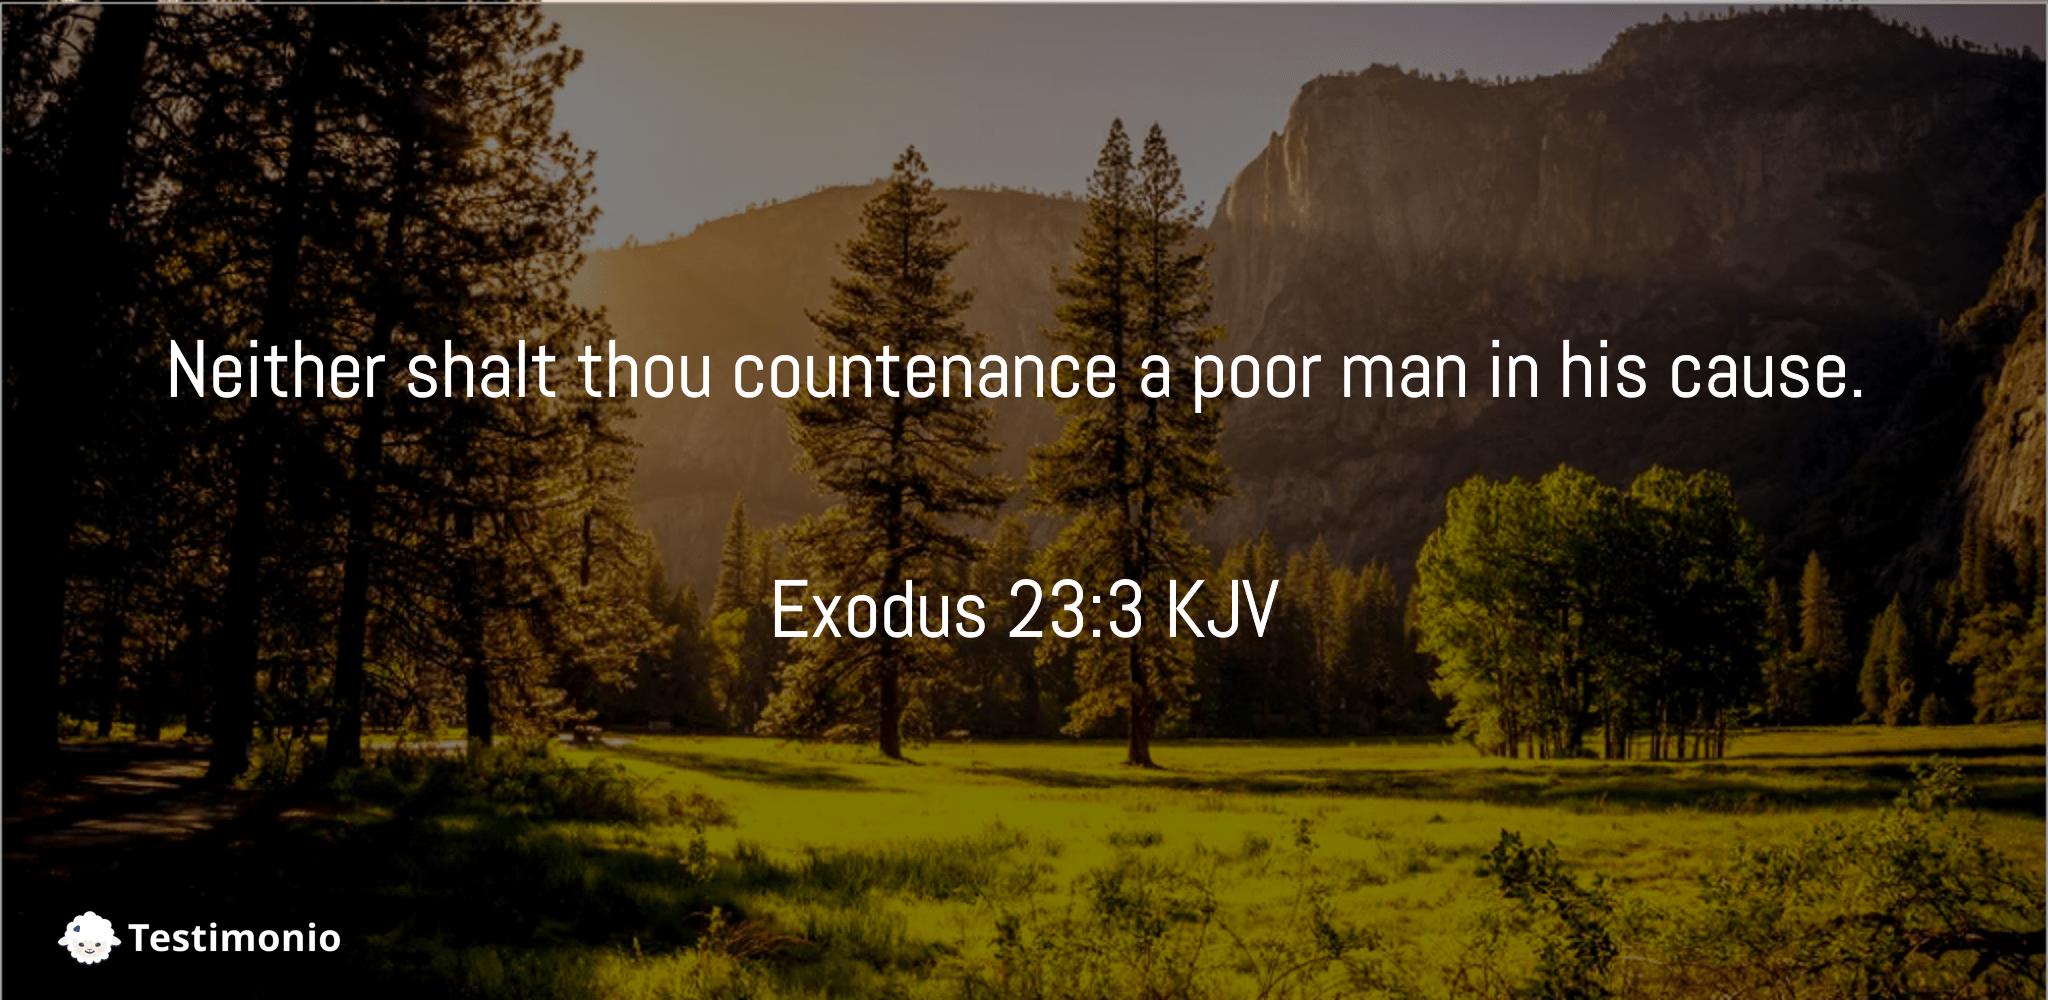 Exodus 23:3